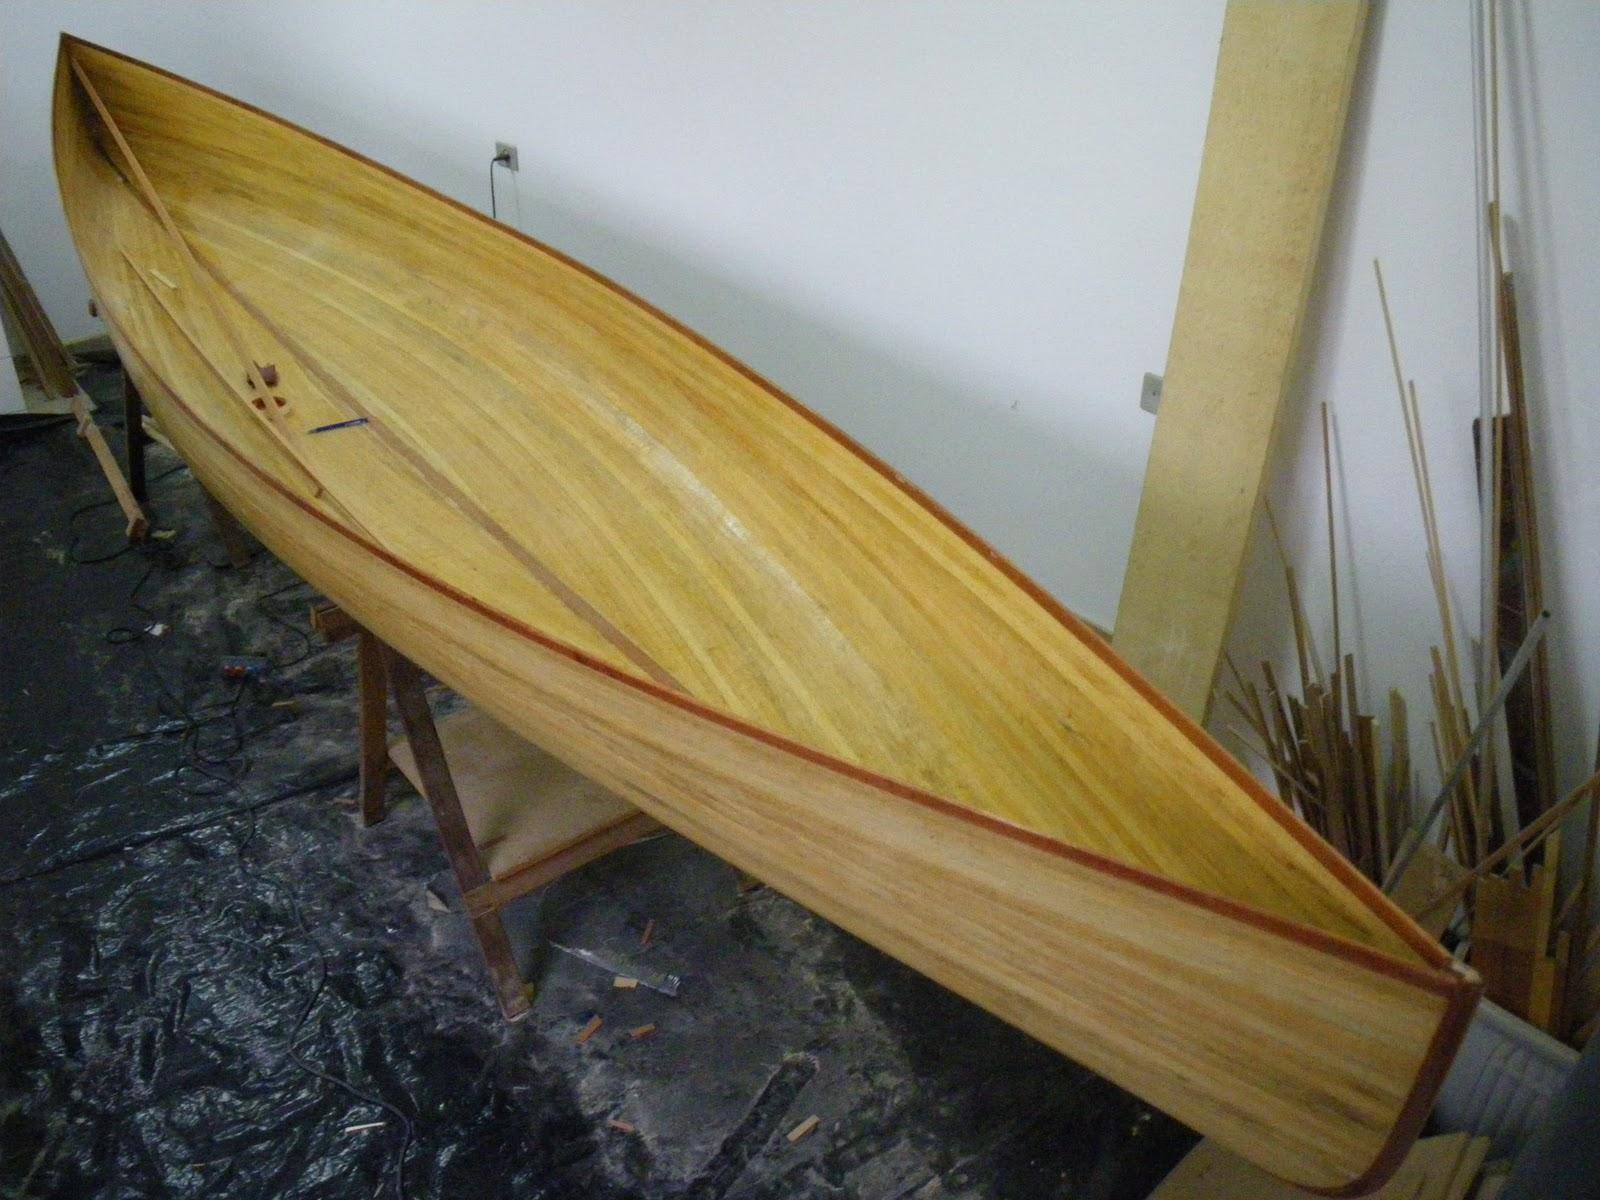 : Construção de uma Canoa de Madeira 2a parte pronta #674821 1600x1200